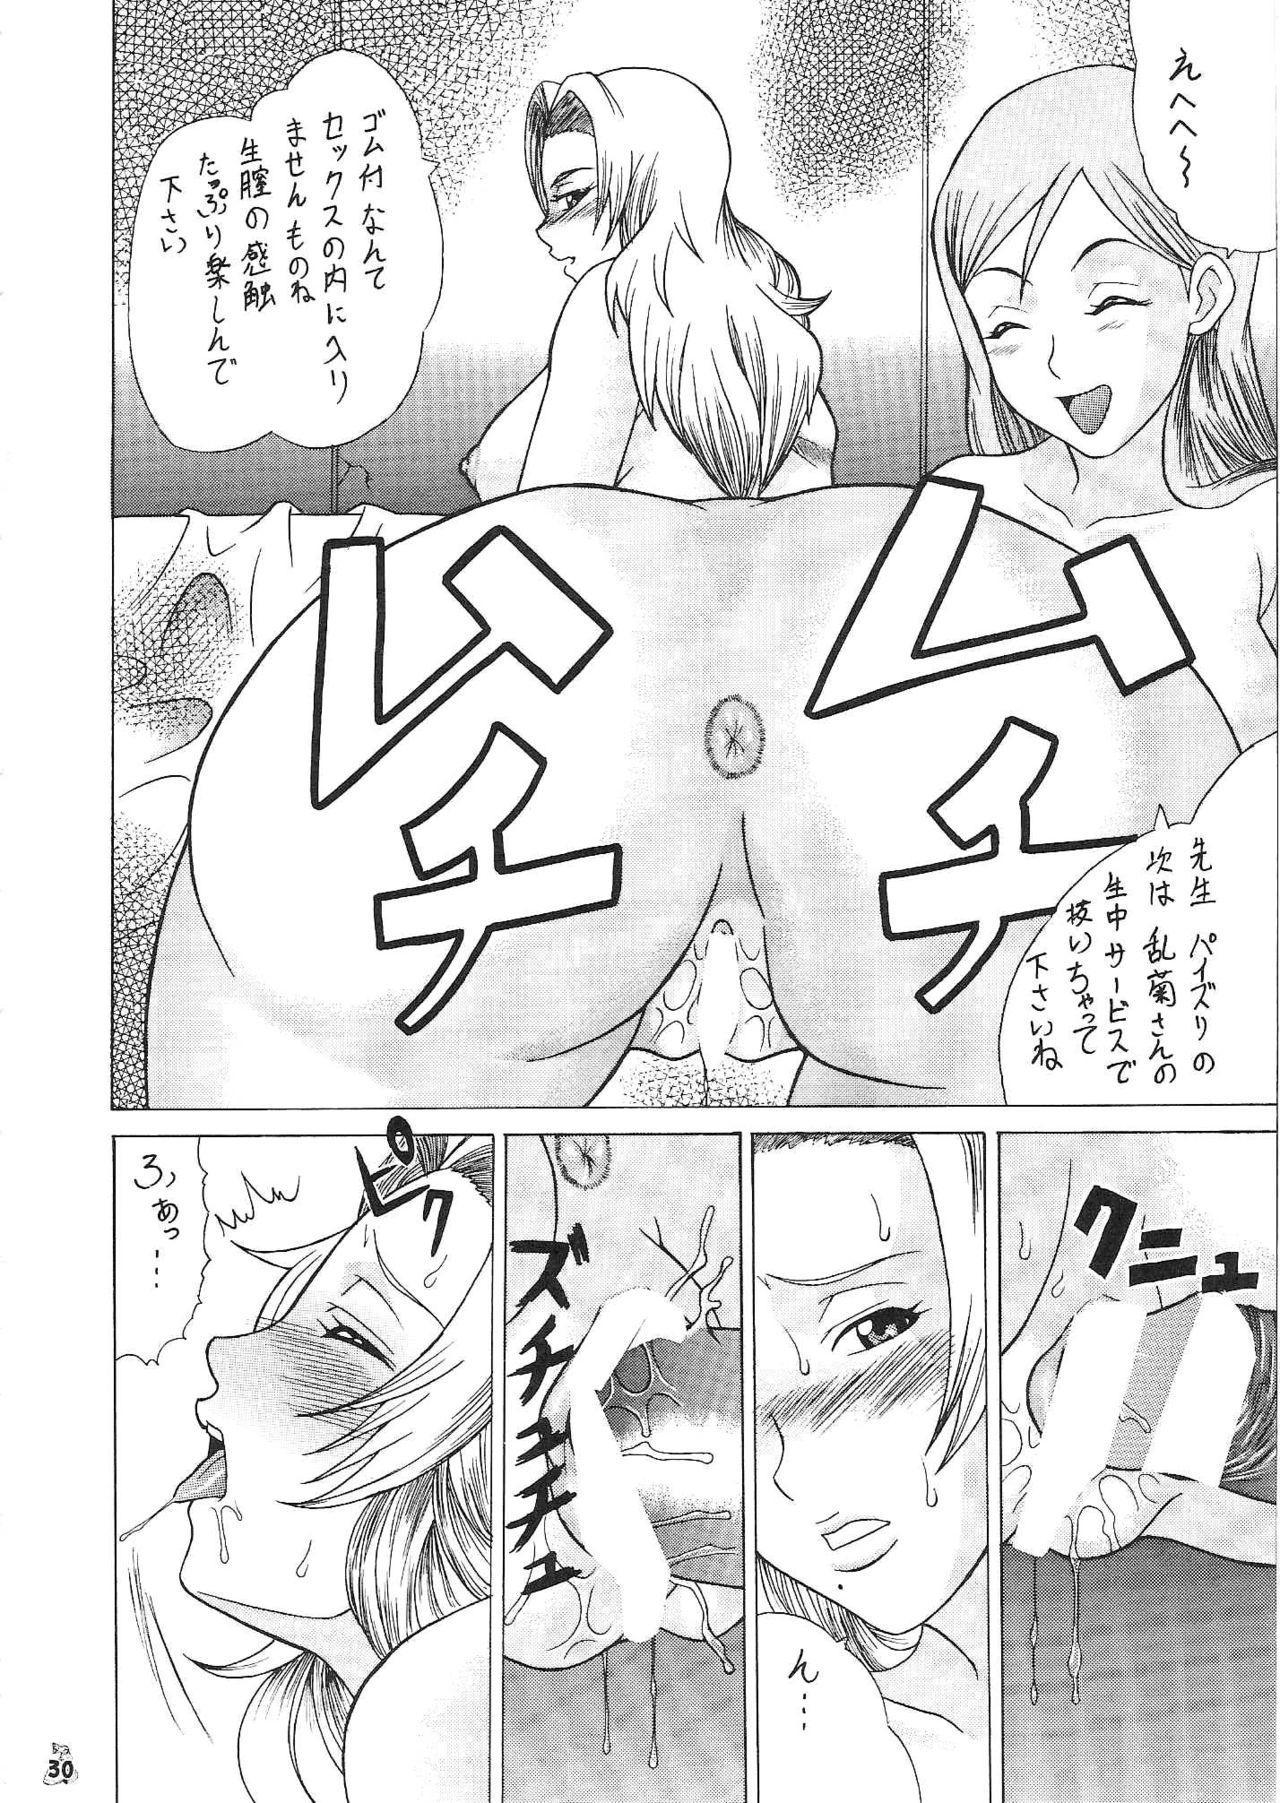 Moshimo Orihime ya Rangiku, Yo Ichi to Okarerunagara 28